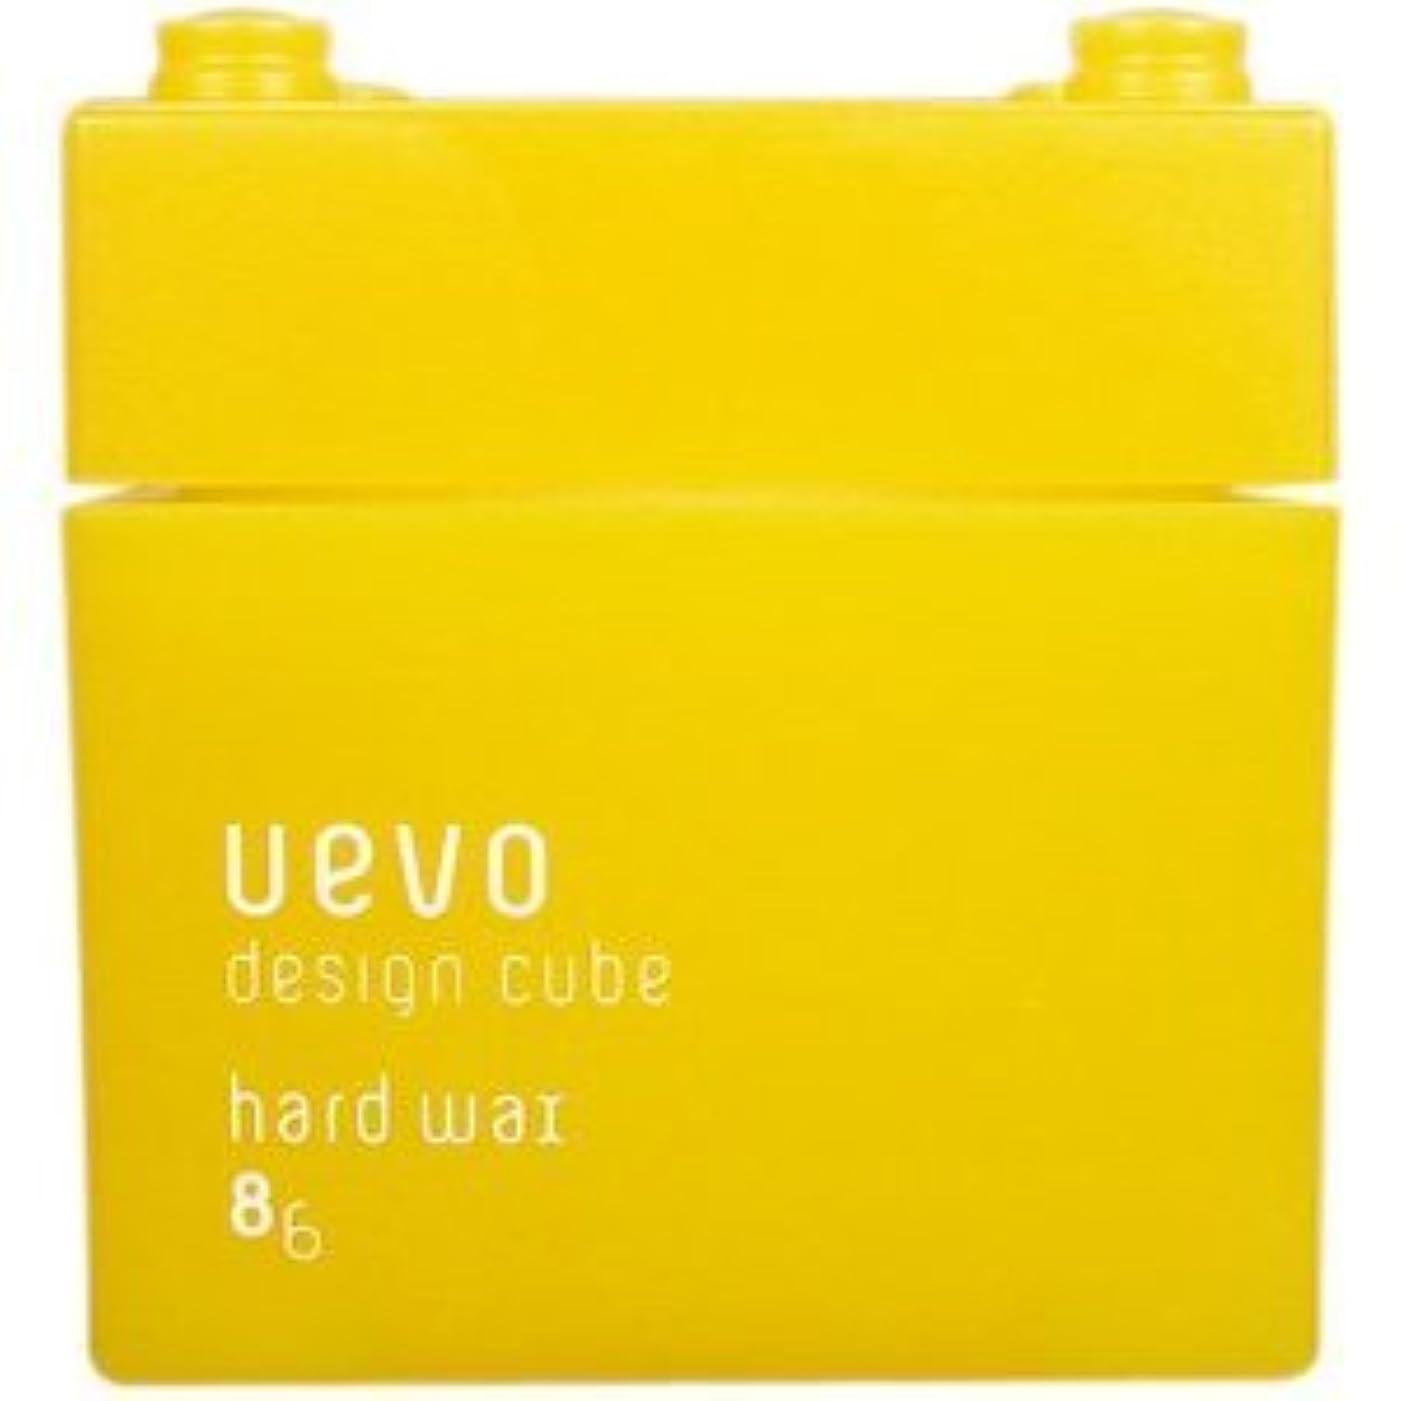 海軍ラベンダー規範【X3個セット】 デミ ウェーボ デザインキューブ ハードワックス 80g hard wax DEMI uevo design cube